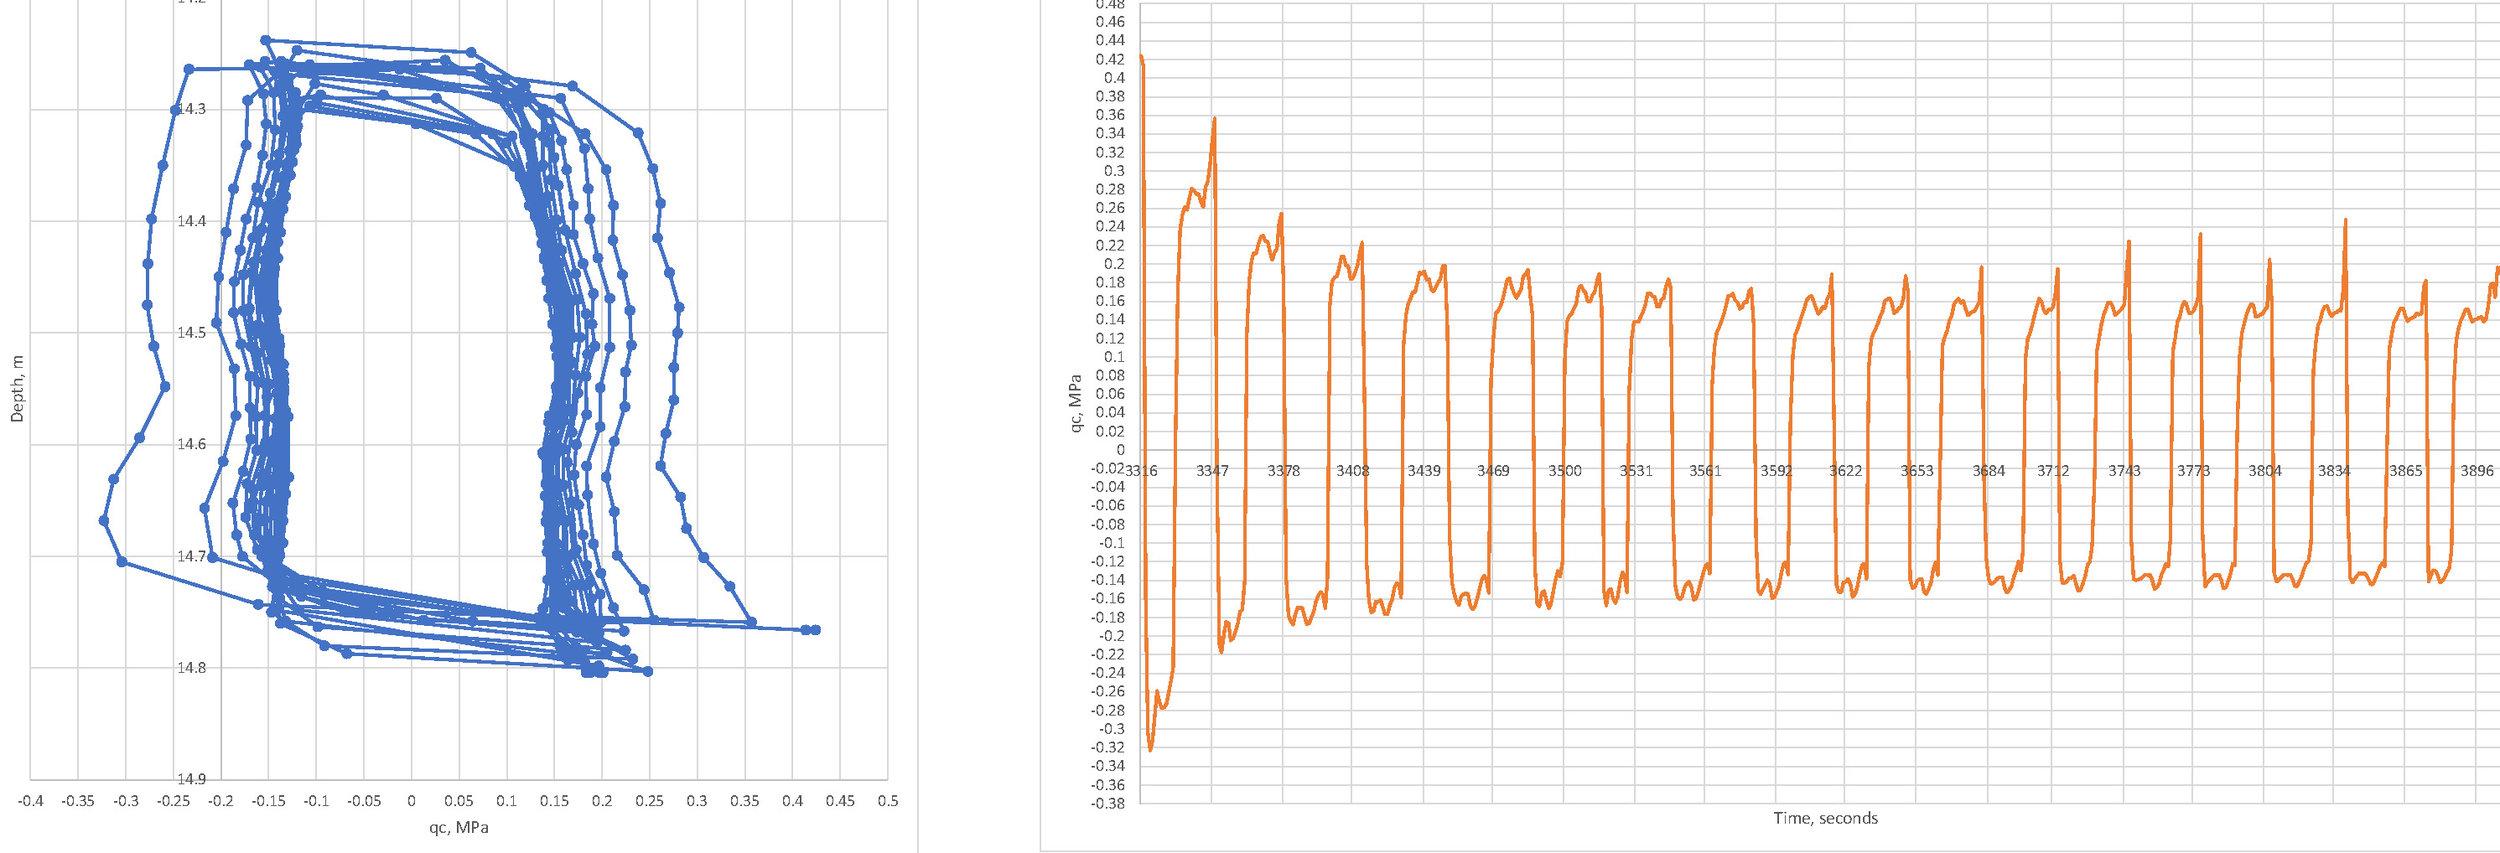 J001_BPT 12 cyclic tests at 7.0m-9.75m and 14.jpg